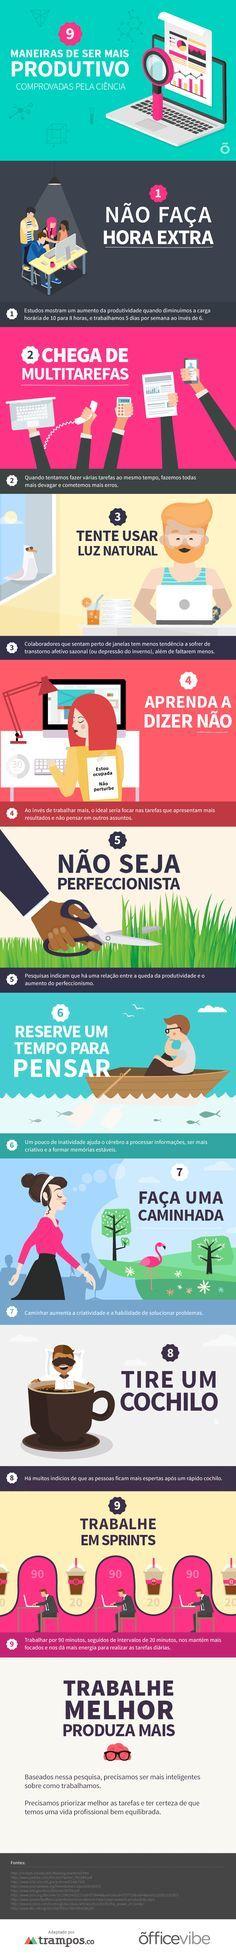 Infográfico: como aumentar a produtividade no trabalho